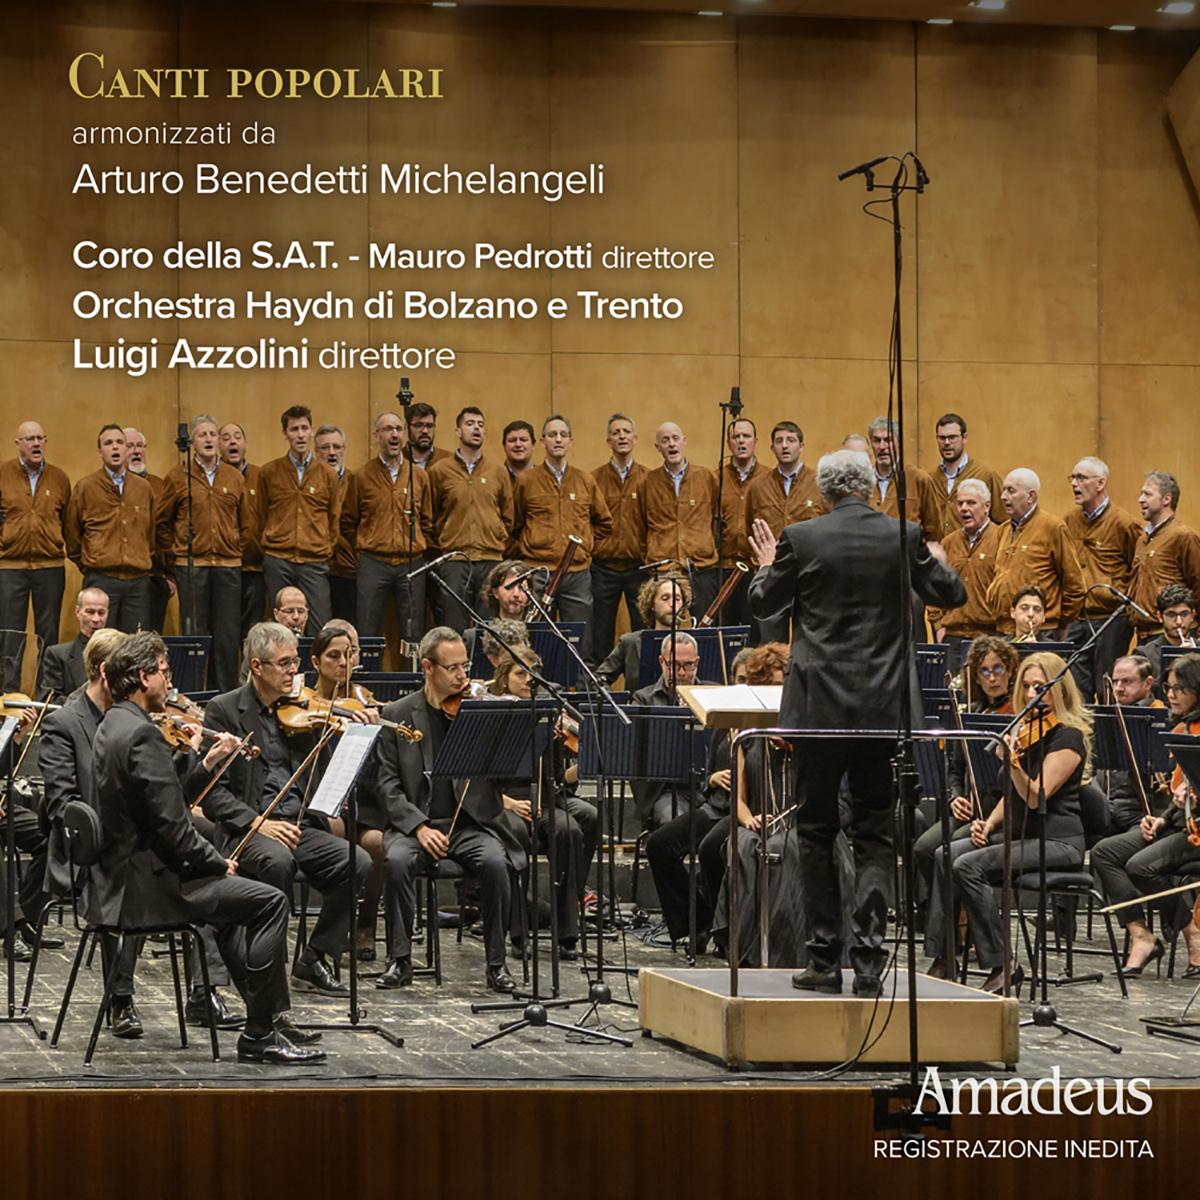 Canti popolari armonizzati da Arturo Benedetti Michelangeli